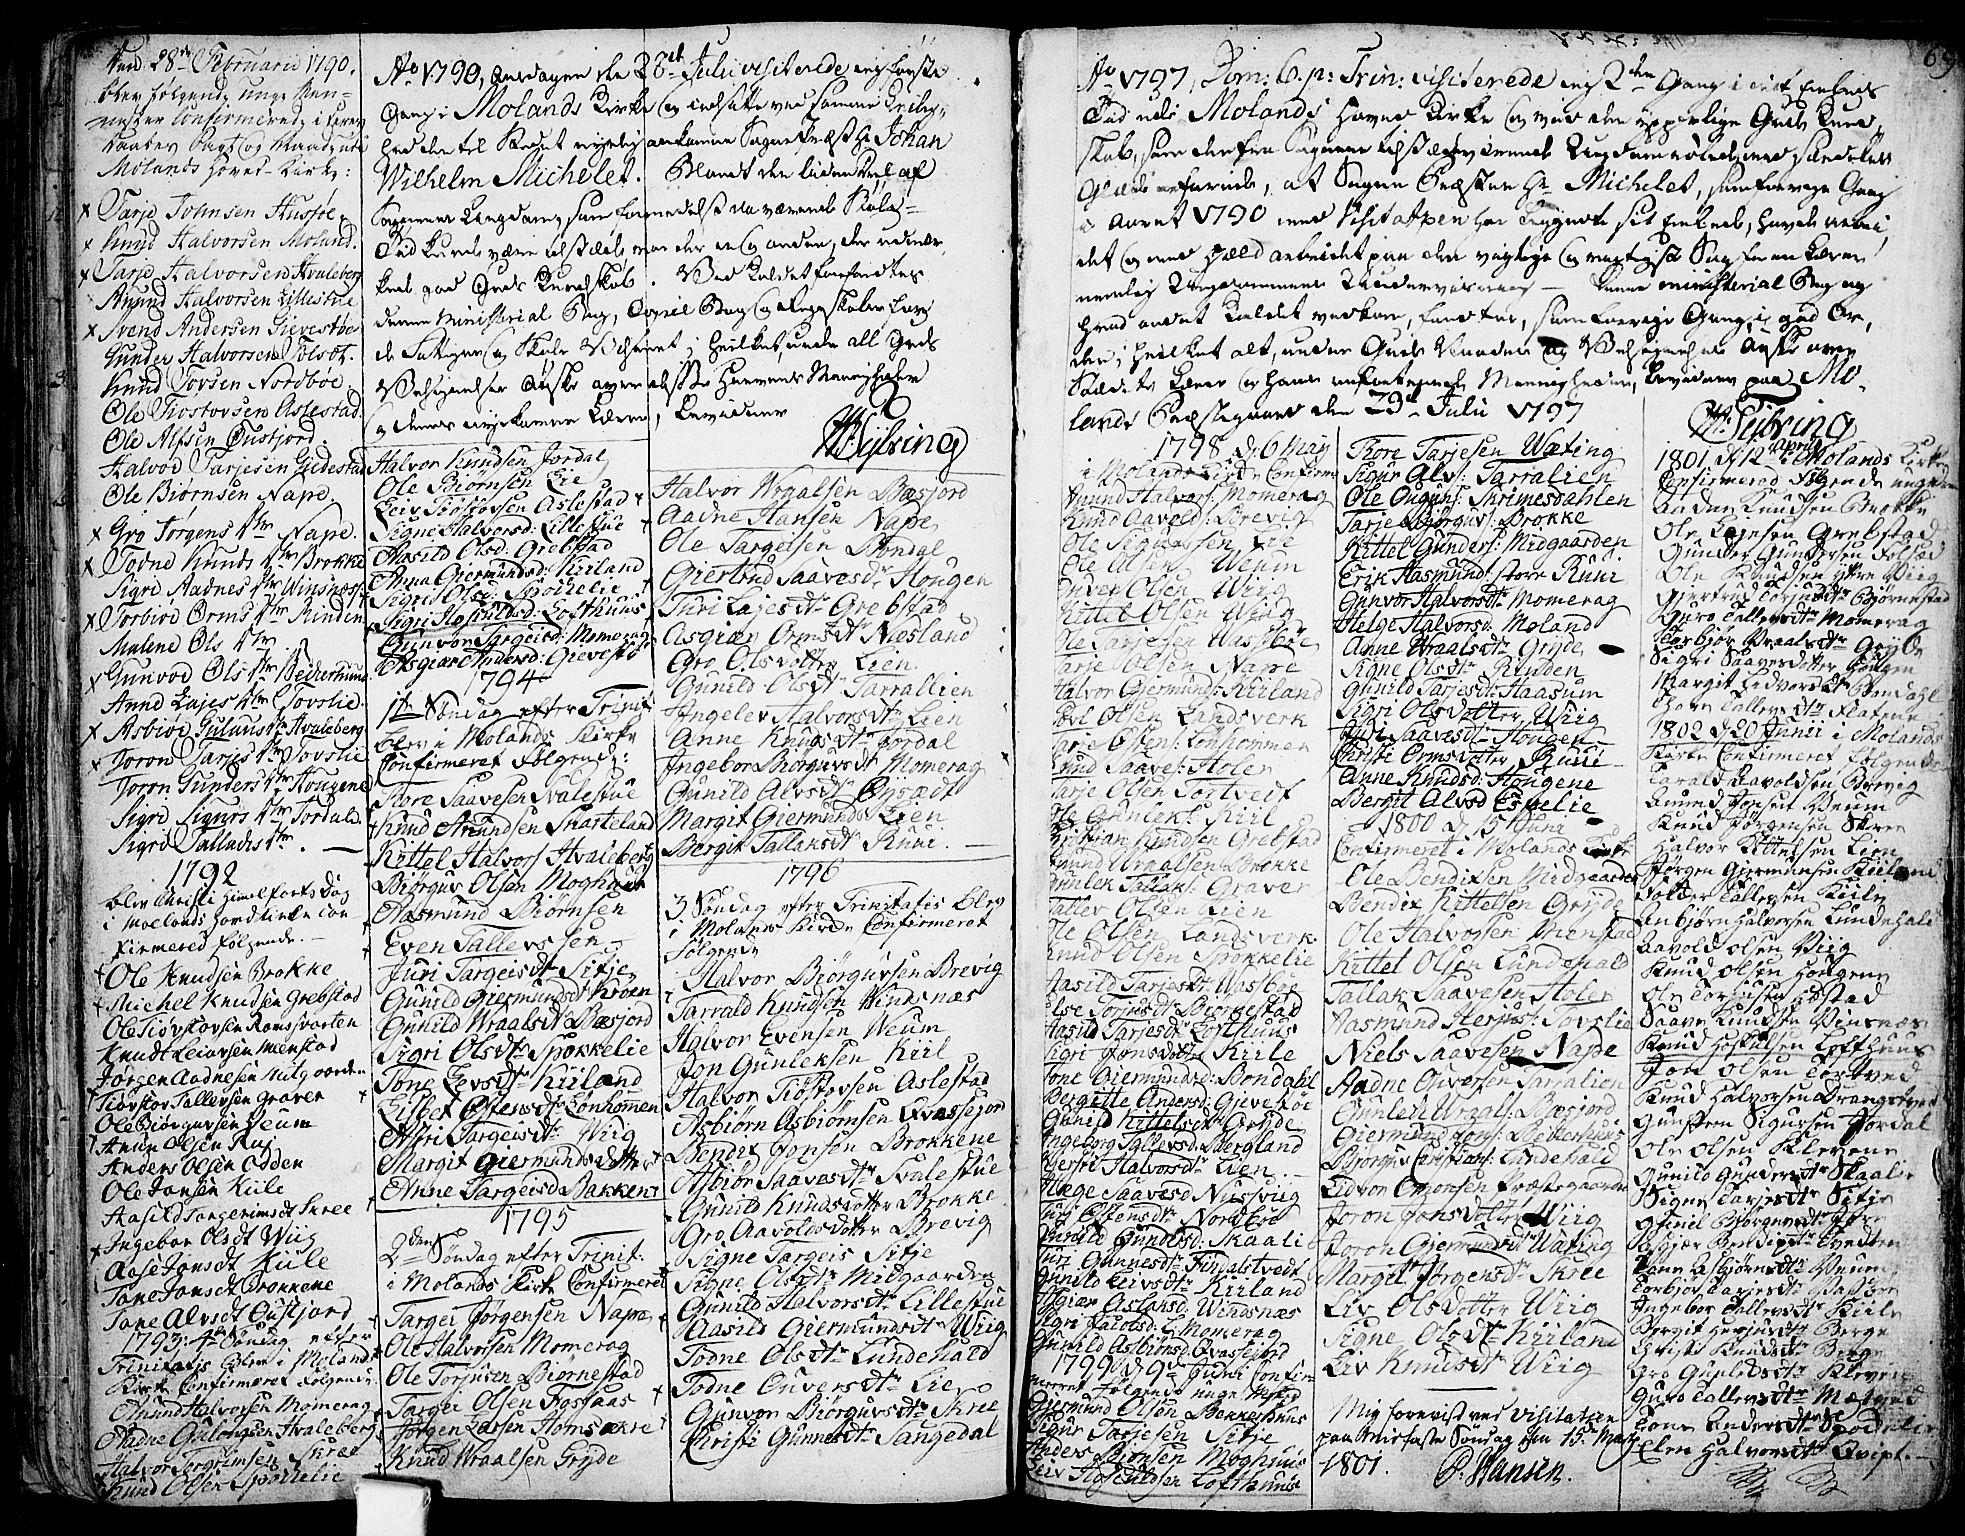 SAKO, Fyresdal kirkebøker, F/Fa/L0002: Ministerialbok nr. I 2, 1769-1814, s. 69